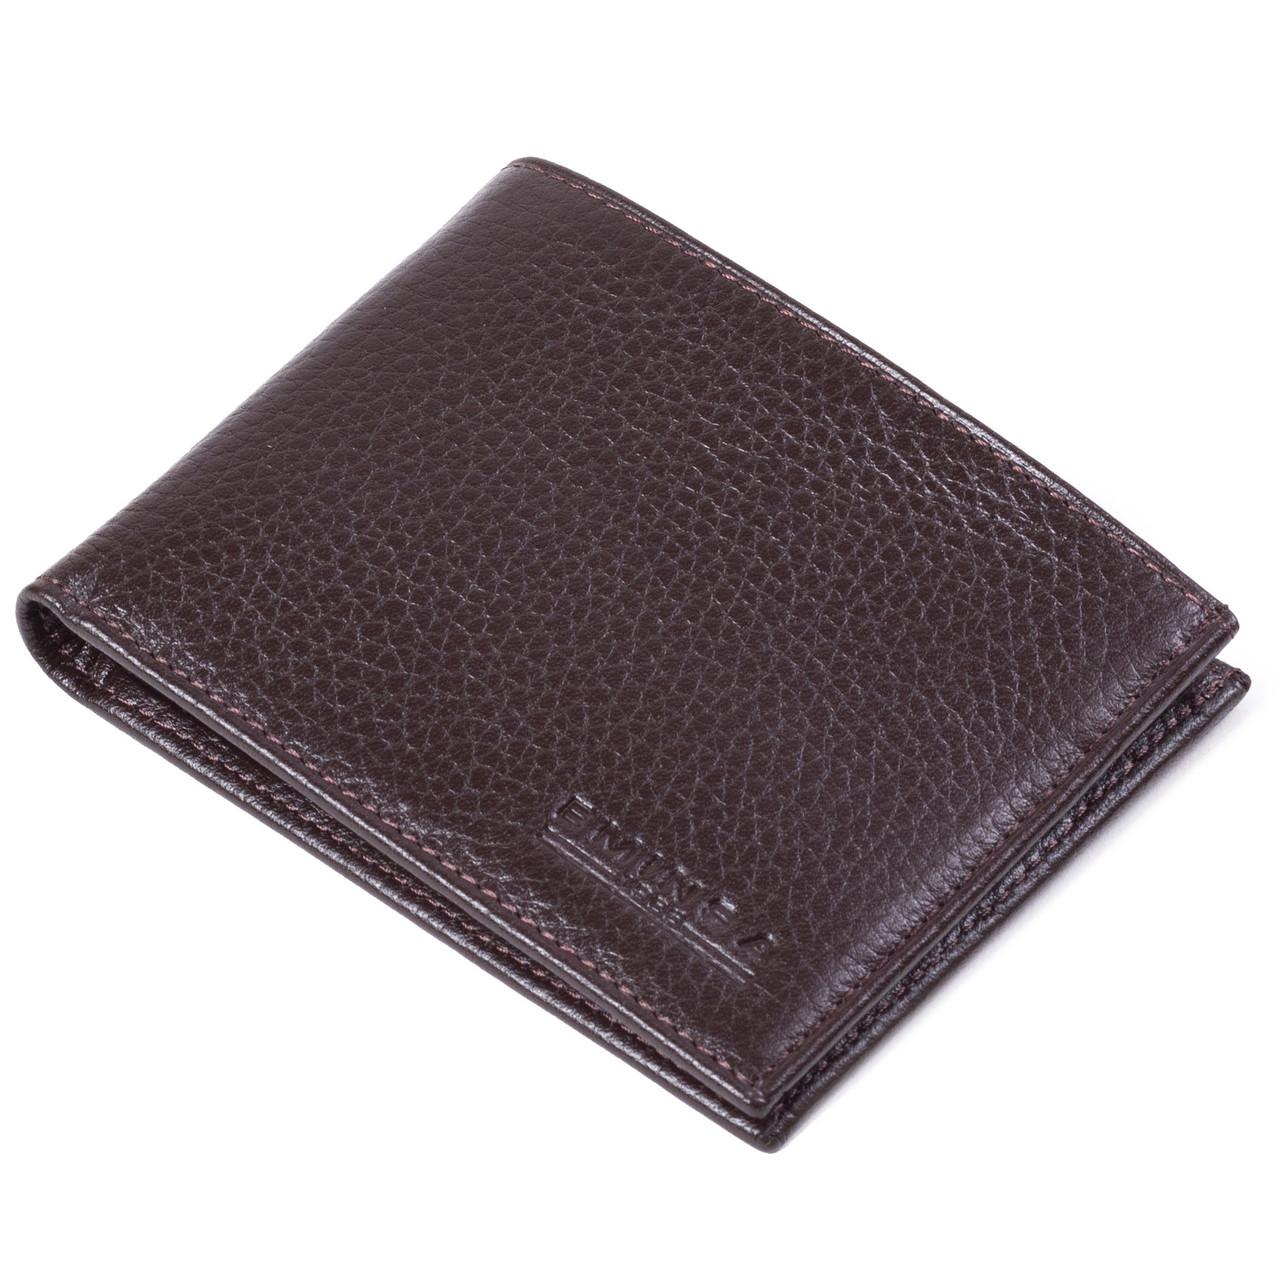 Мужской кошелек кожаный коричневый Eminsa 1051-37-3